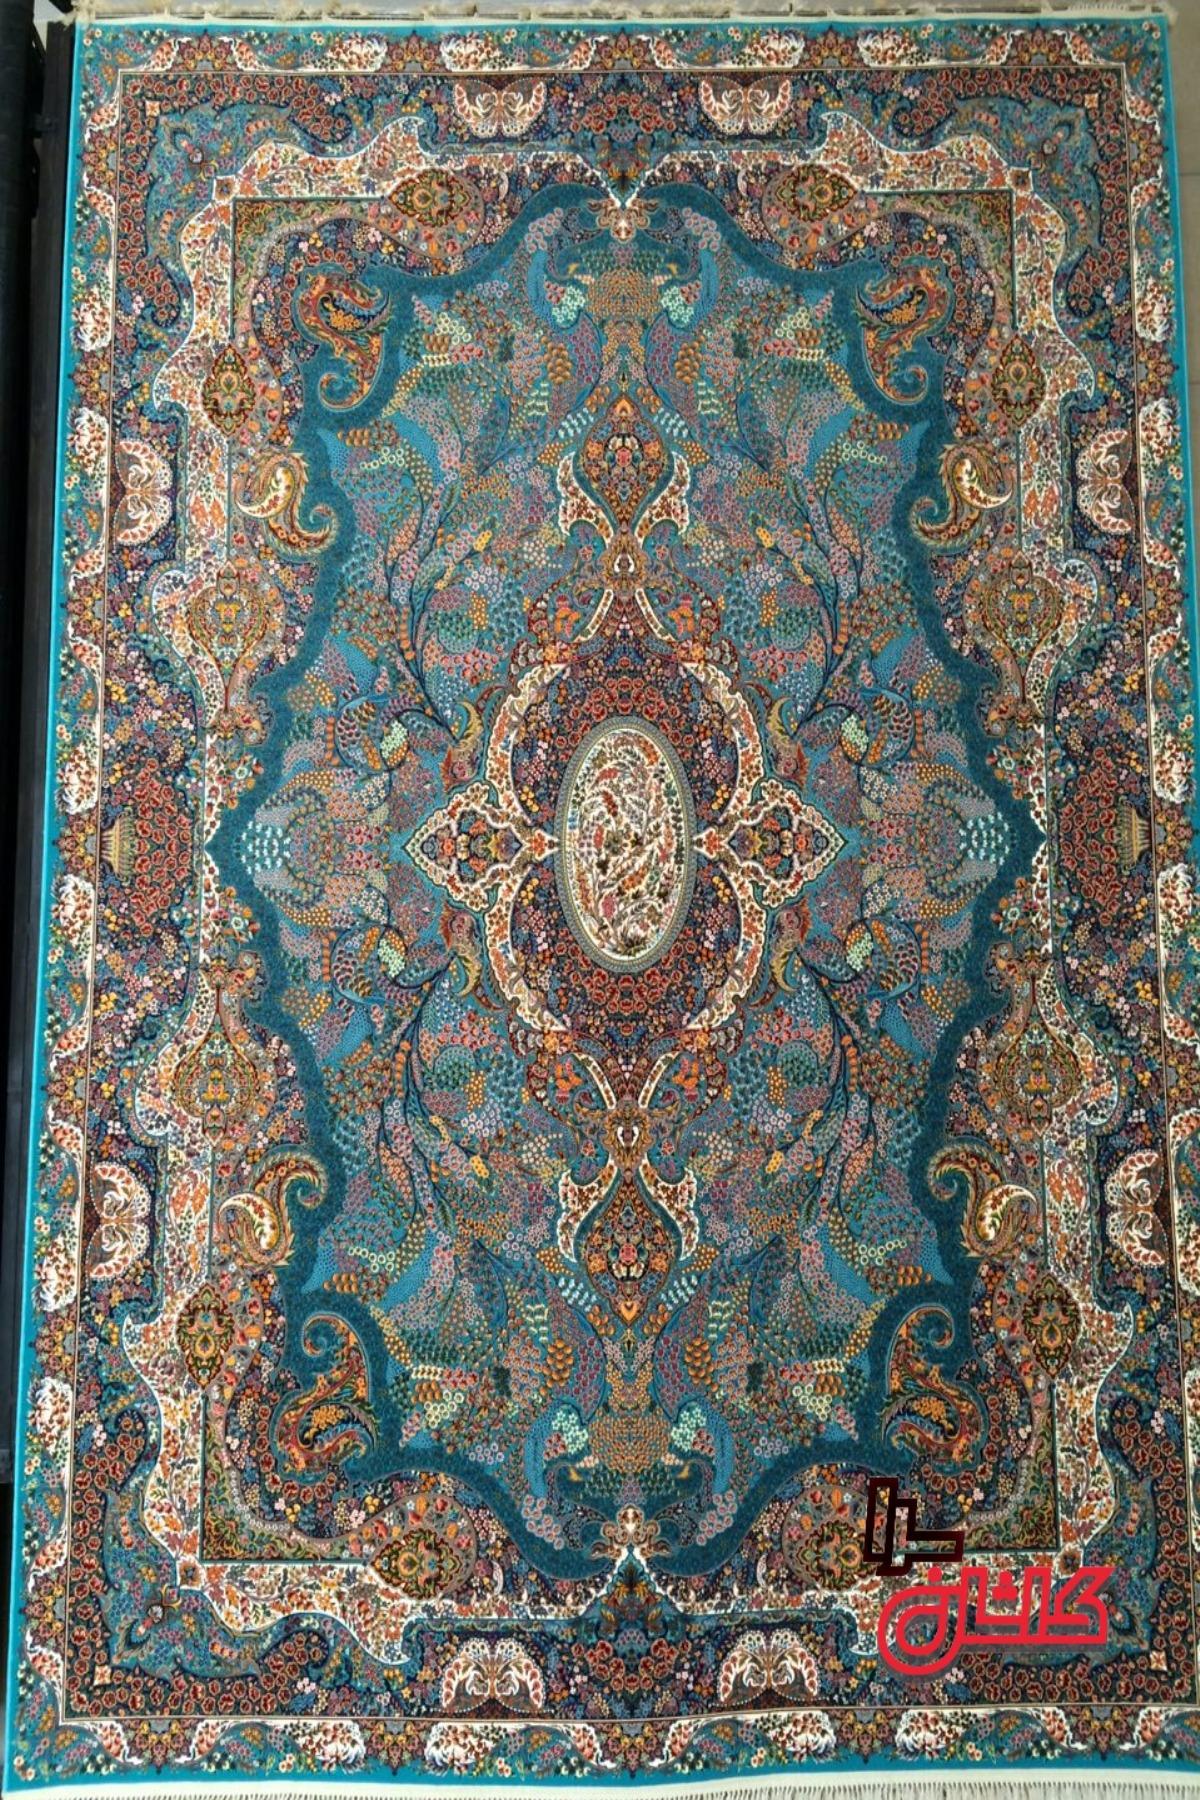 ۷۱۱۰-Abi-1200-Diplomat-Carpet